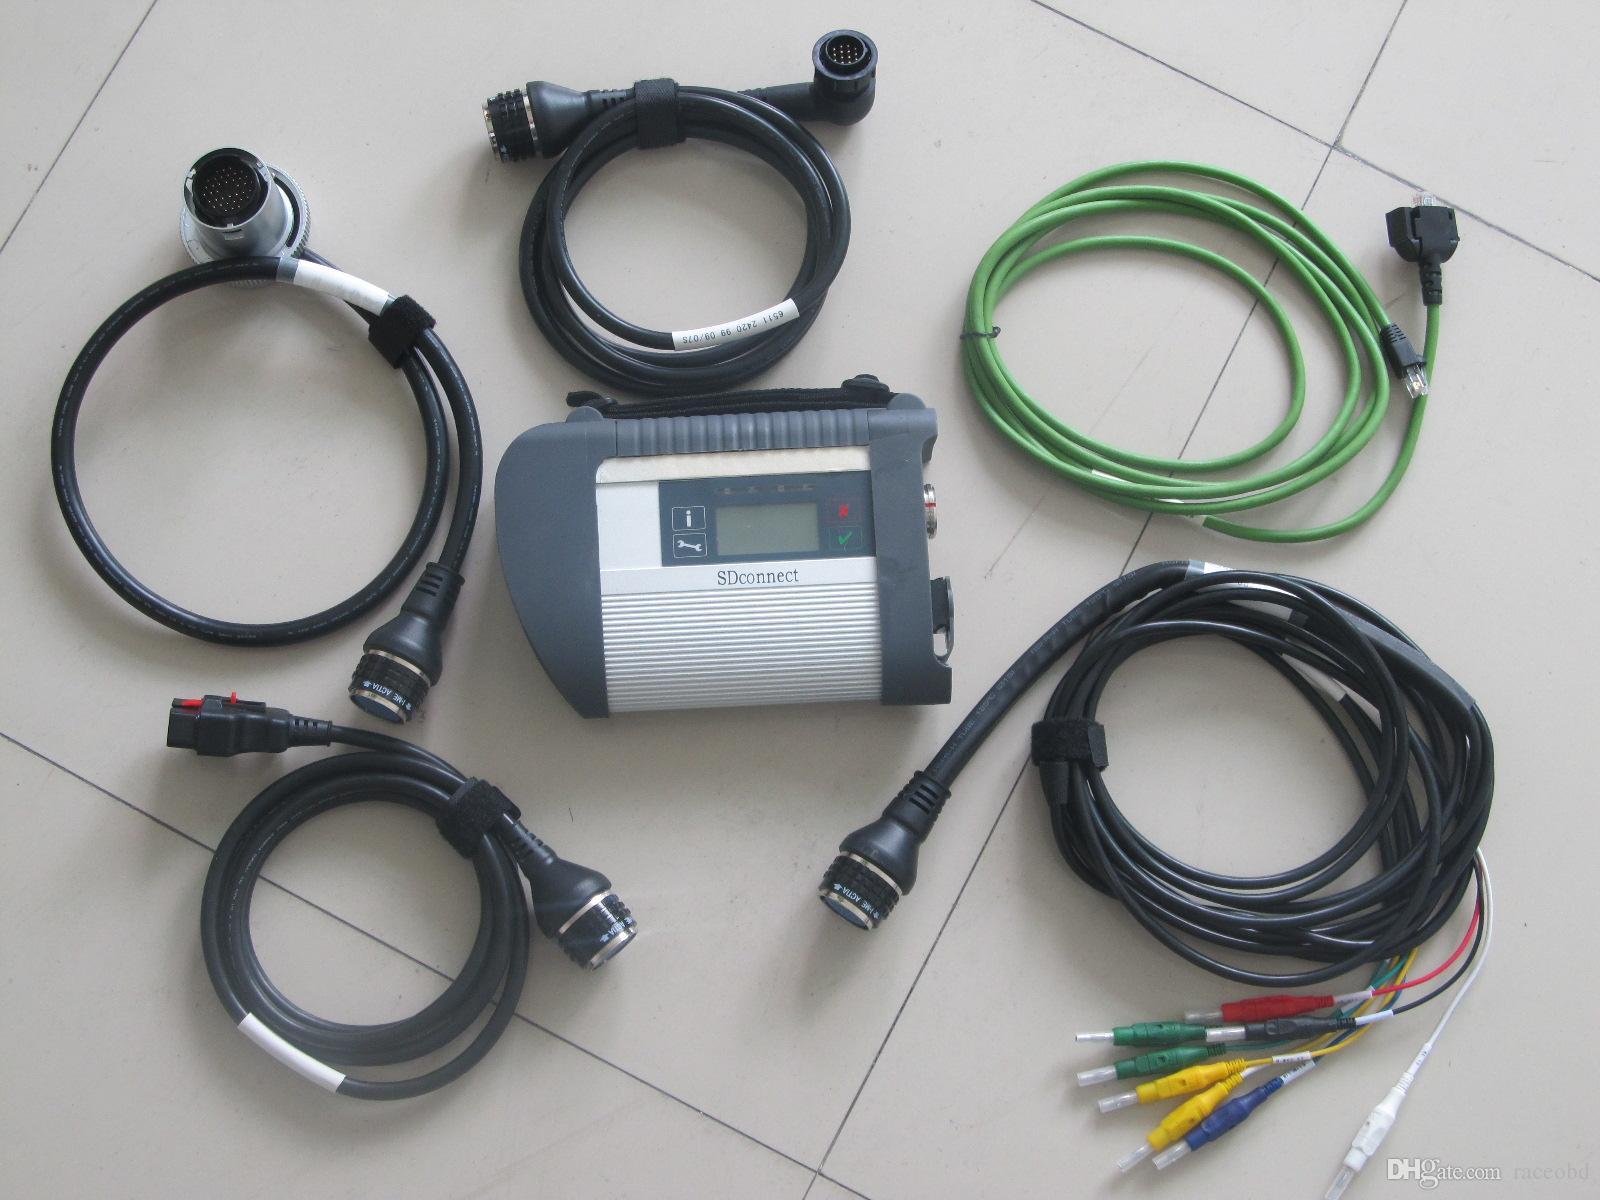 Teşhis Aracı MB Yıldız C4 SD HDD'siz Arabalar ve Kamyonlar için WiFi ile Bağlan